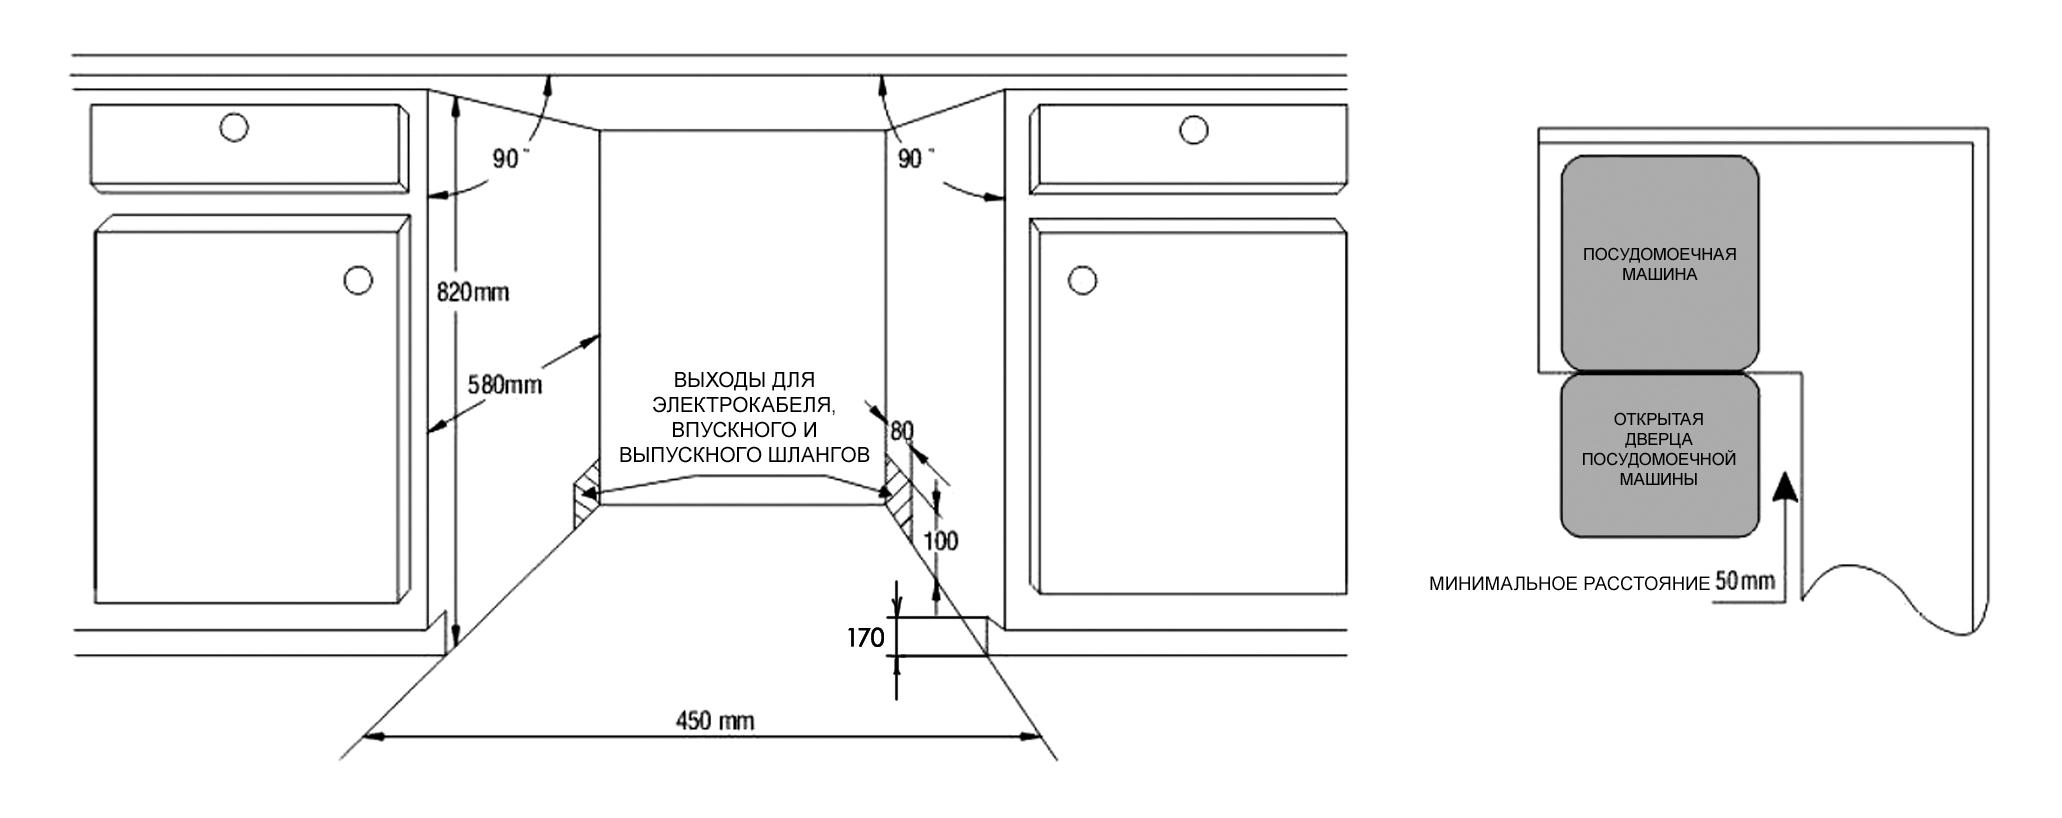 Посудомоечная машина схема установки